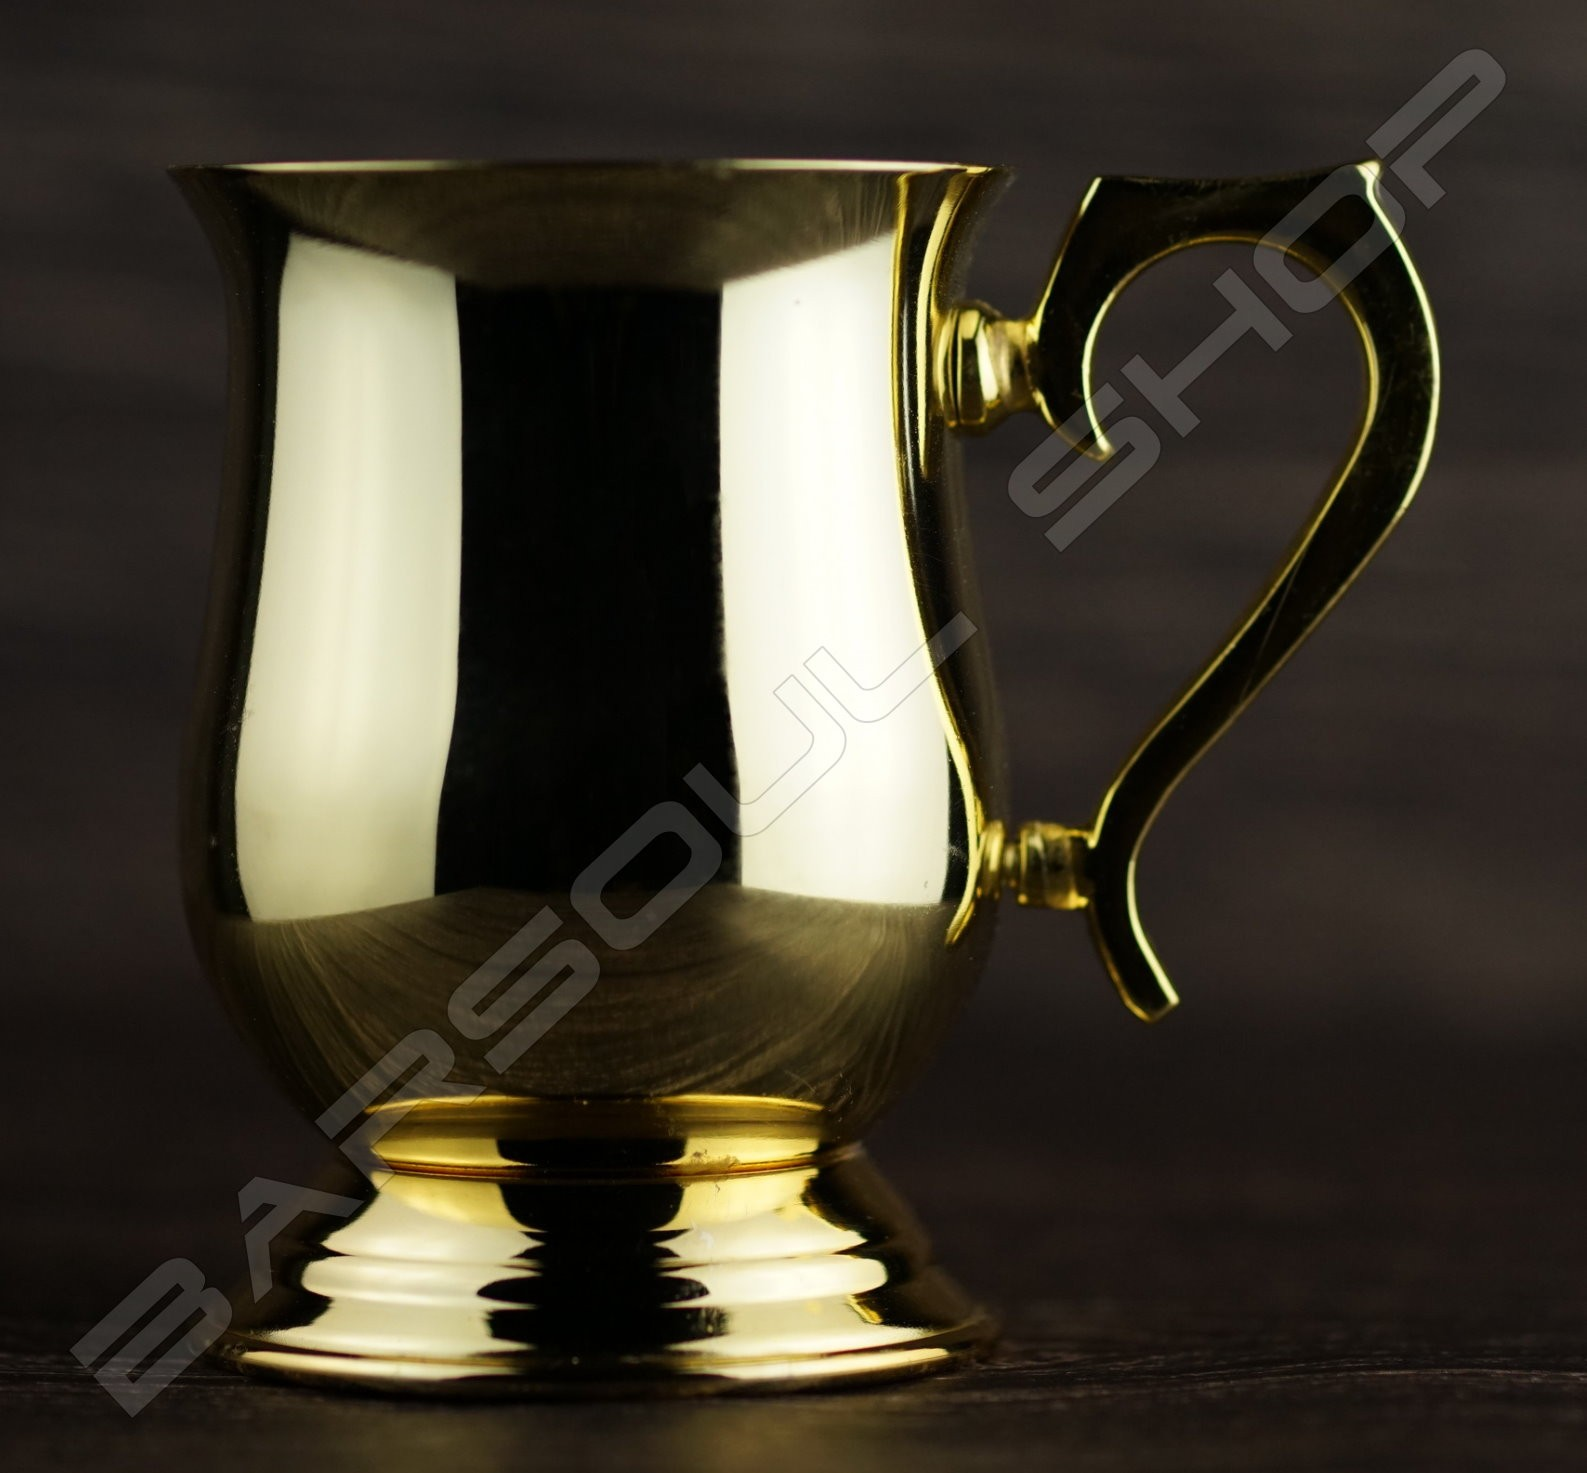 腰身鍍金杯  Curve gold cup